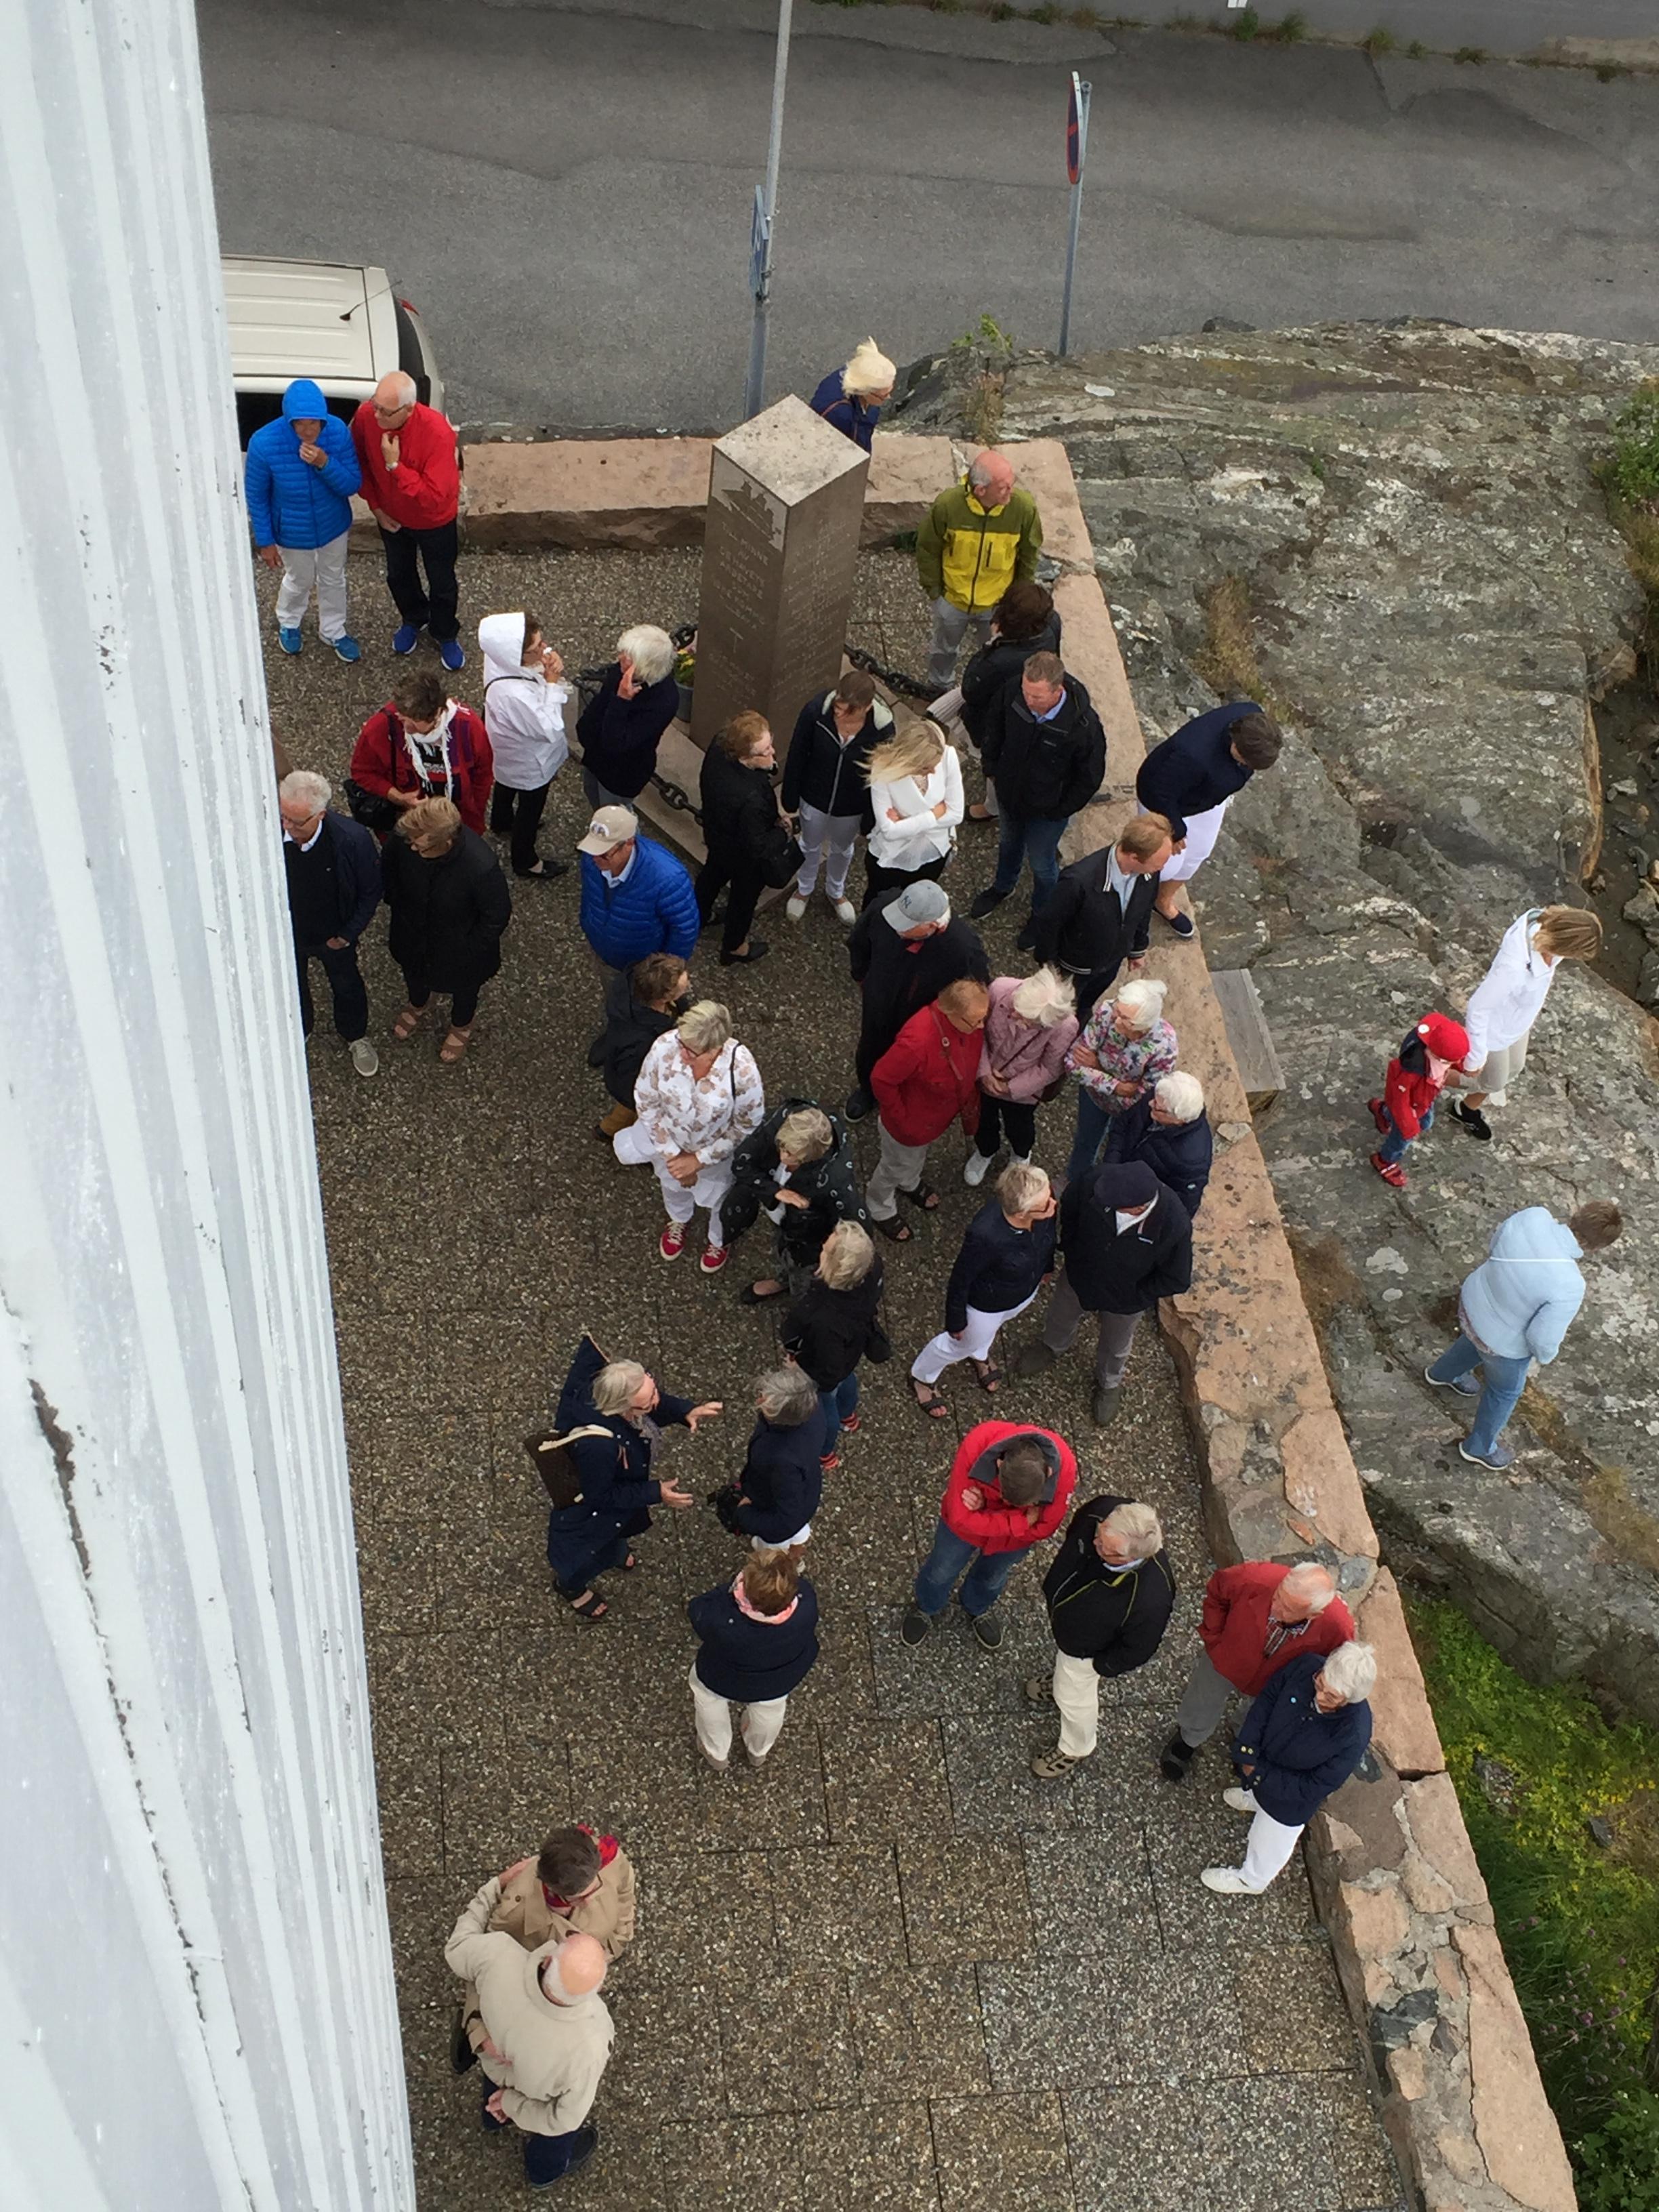 Sommaren är här. Leendet hängs upp på Skärhamns kyrka. Foto Helene Nykvist